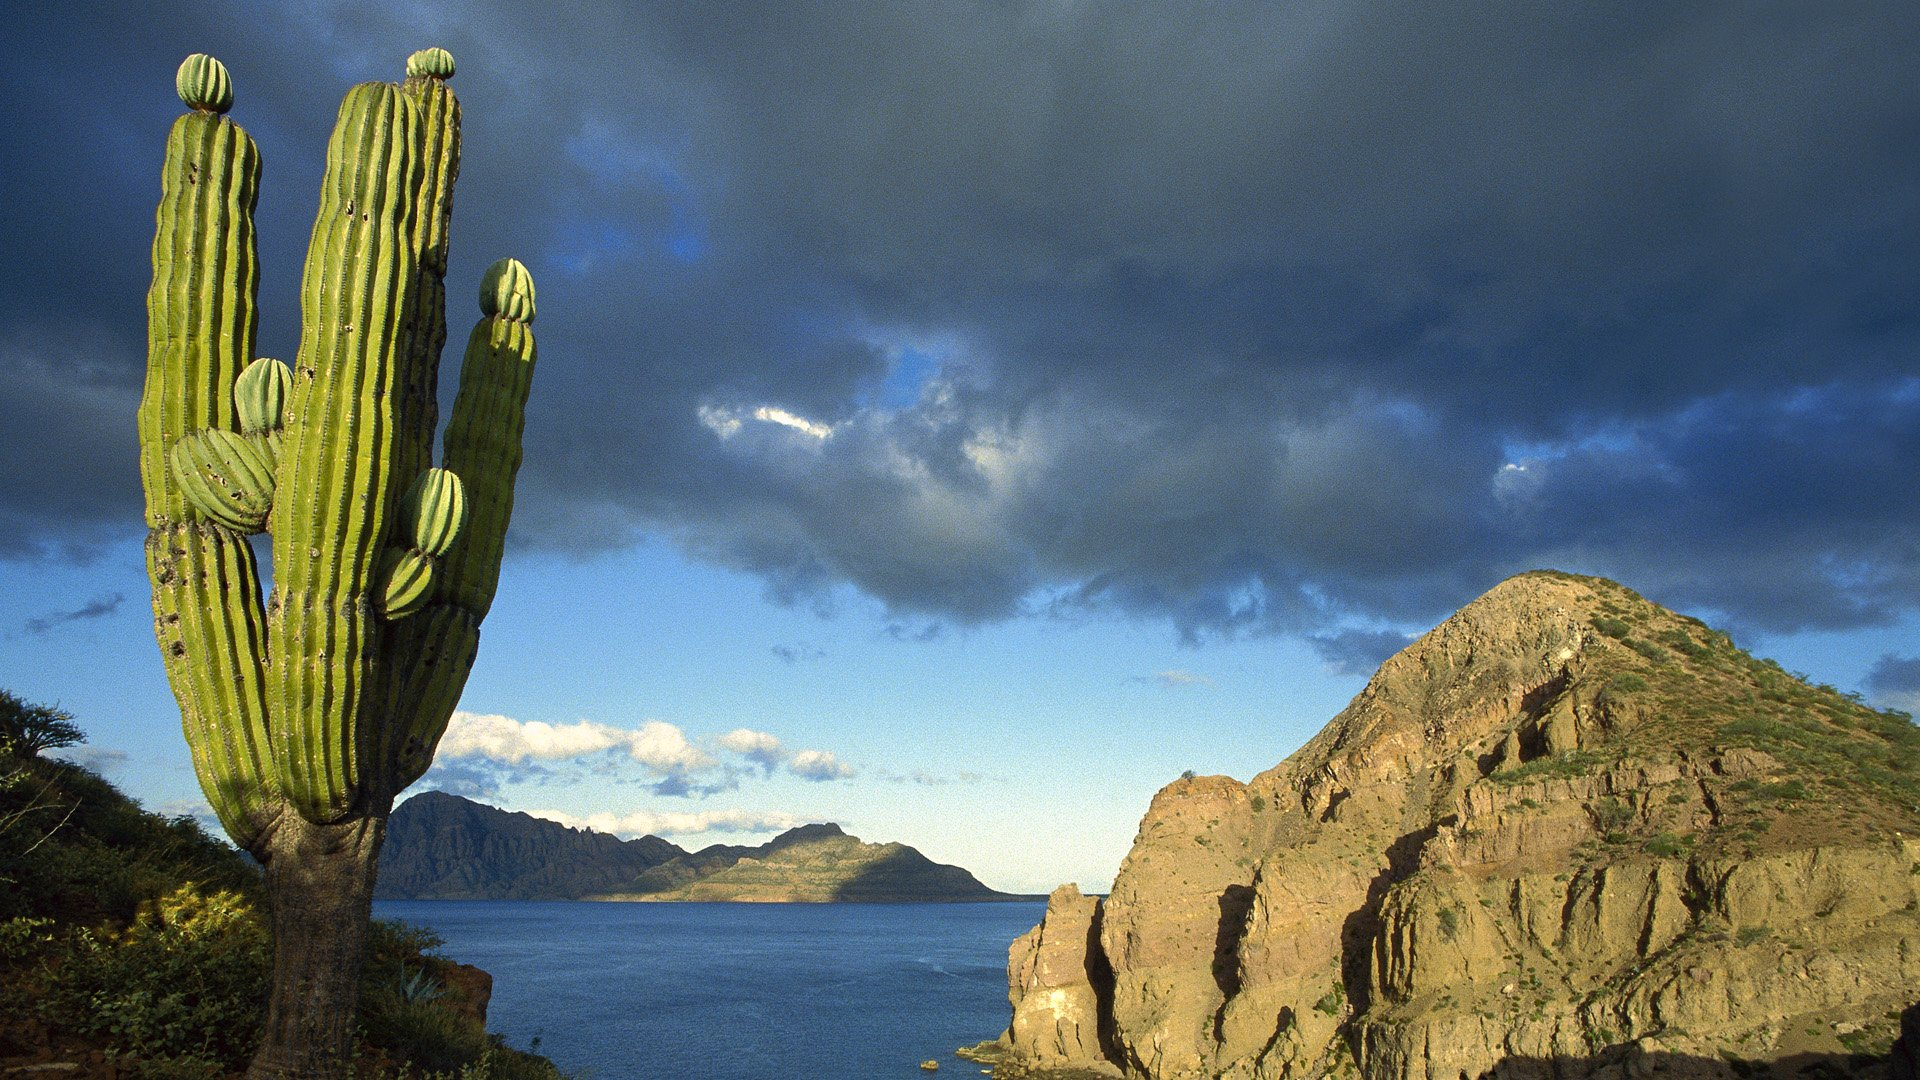 danzante island  sea of cortez  baja california  mexico